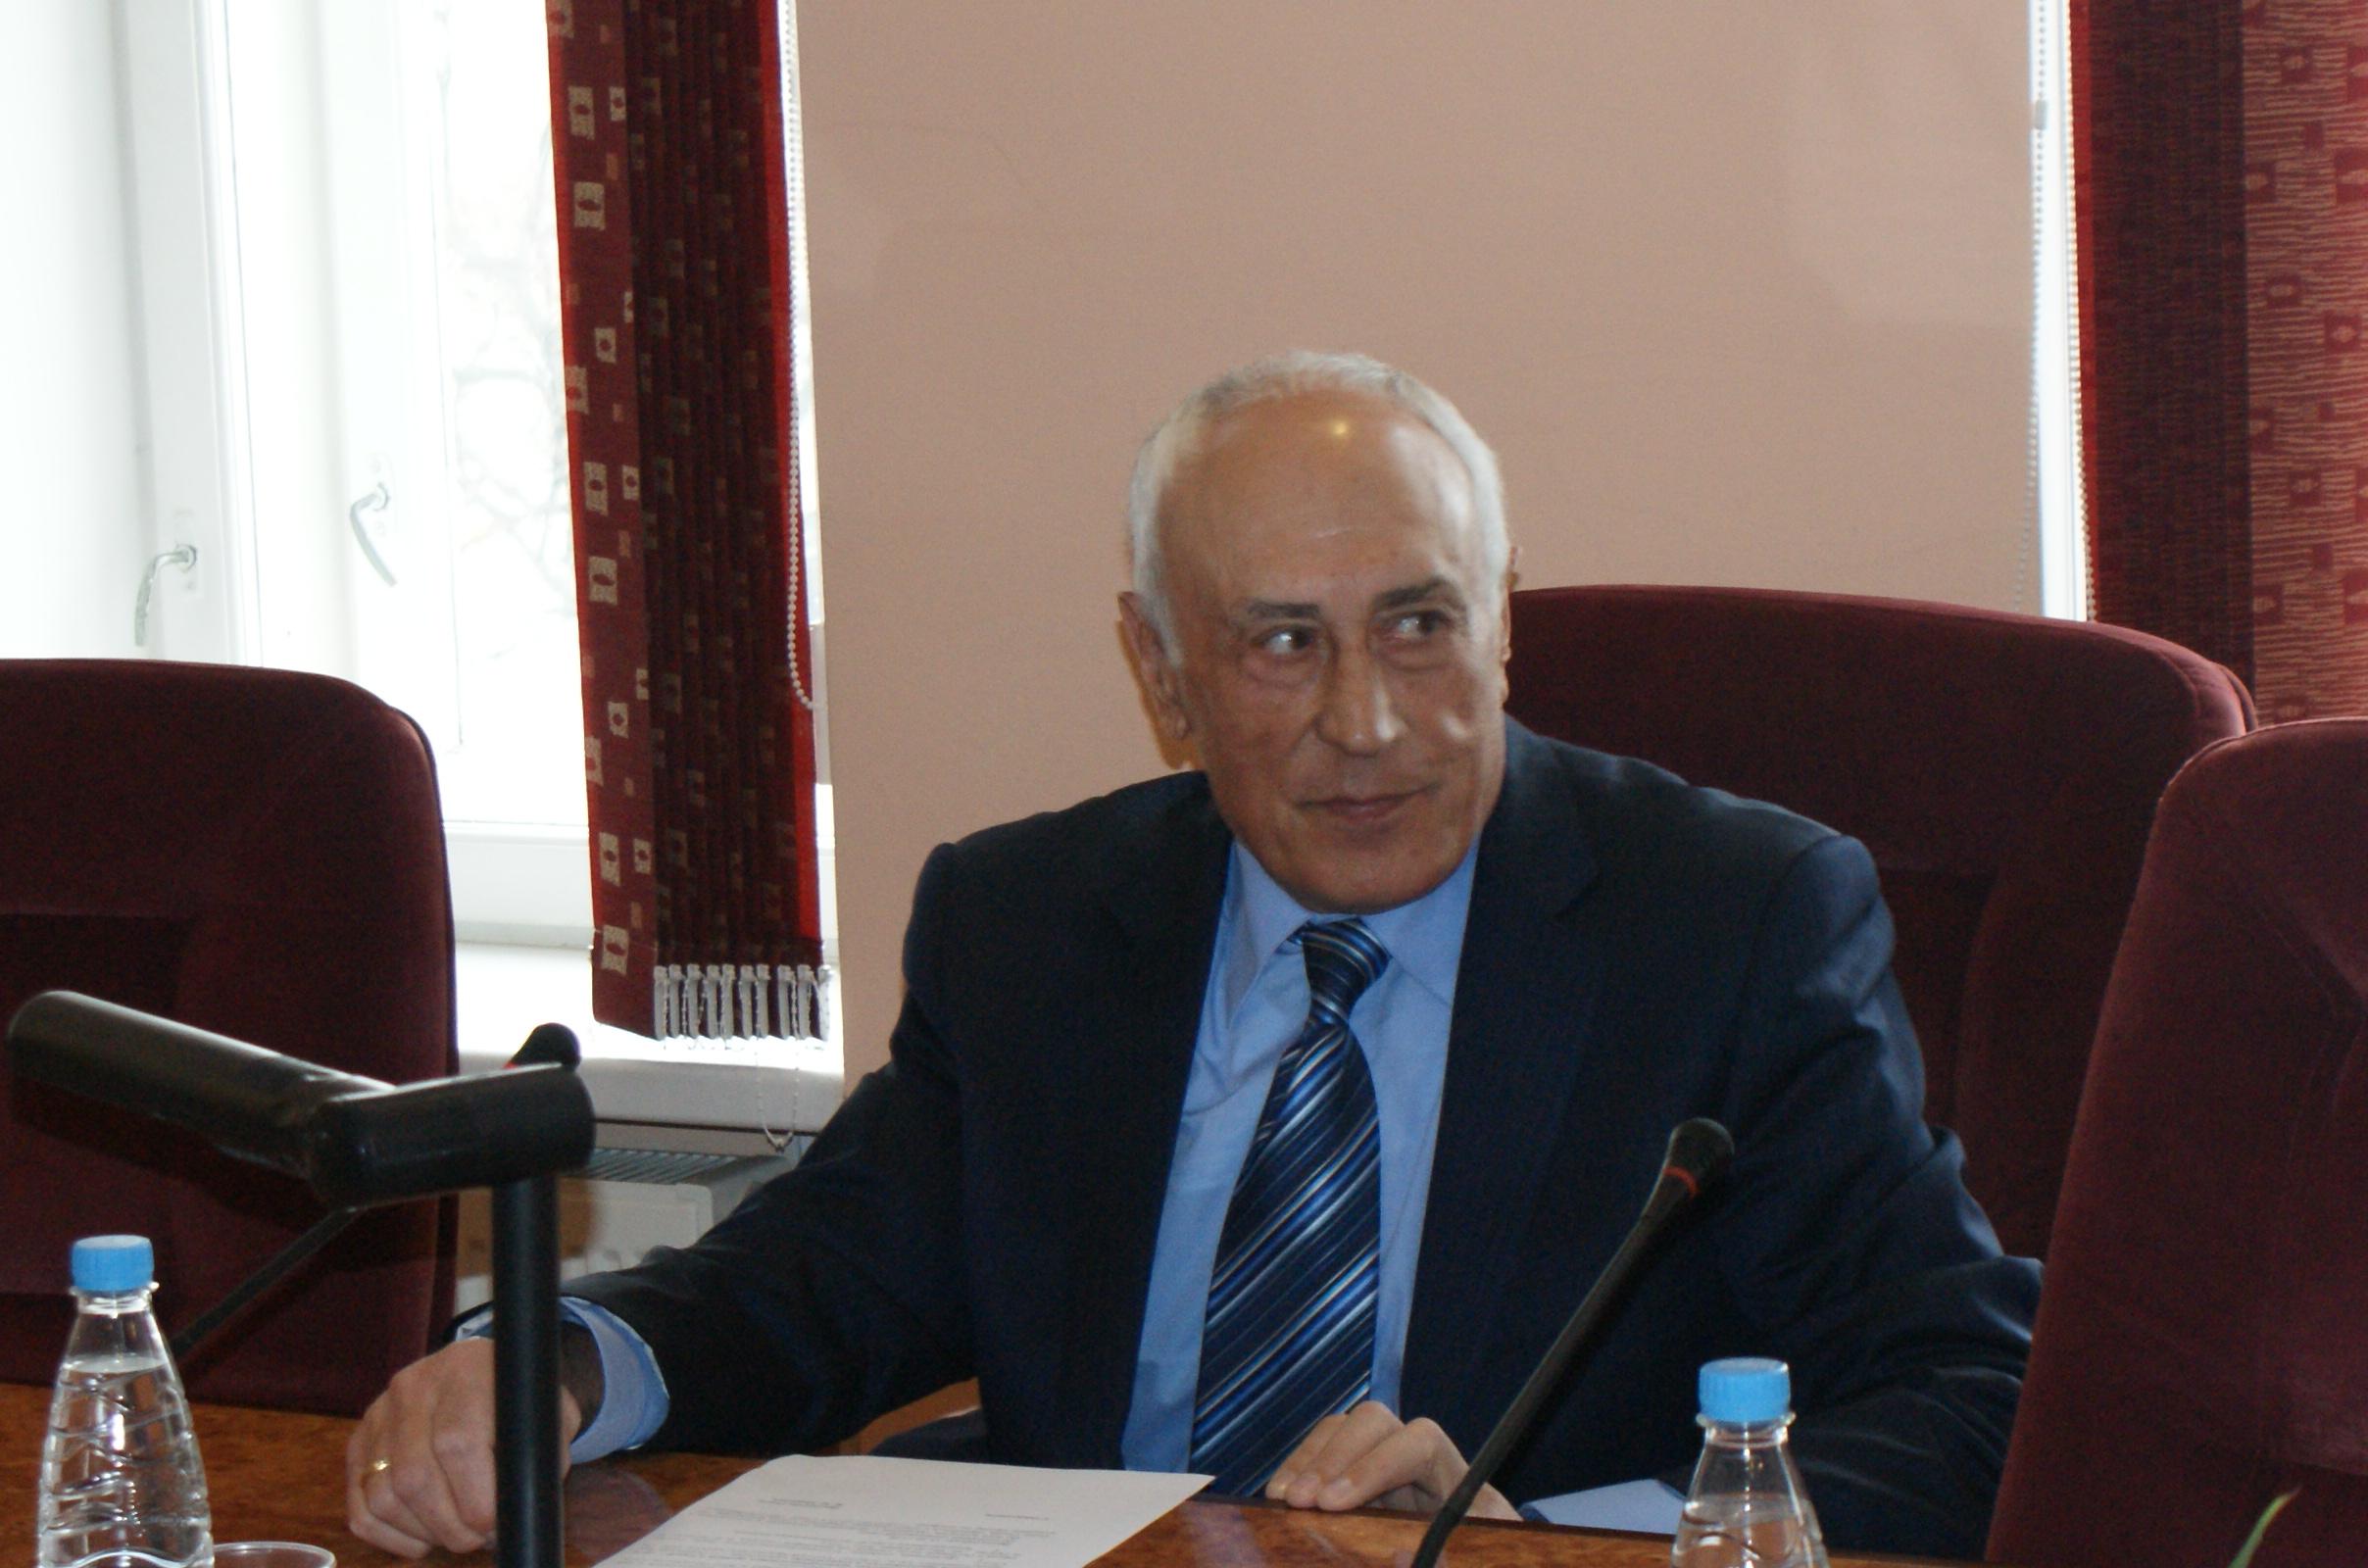 вице-президент Союза В.Е. Эминов на заседании 27 марта 2012